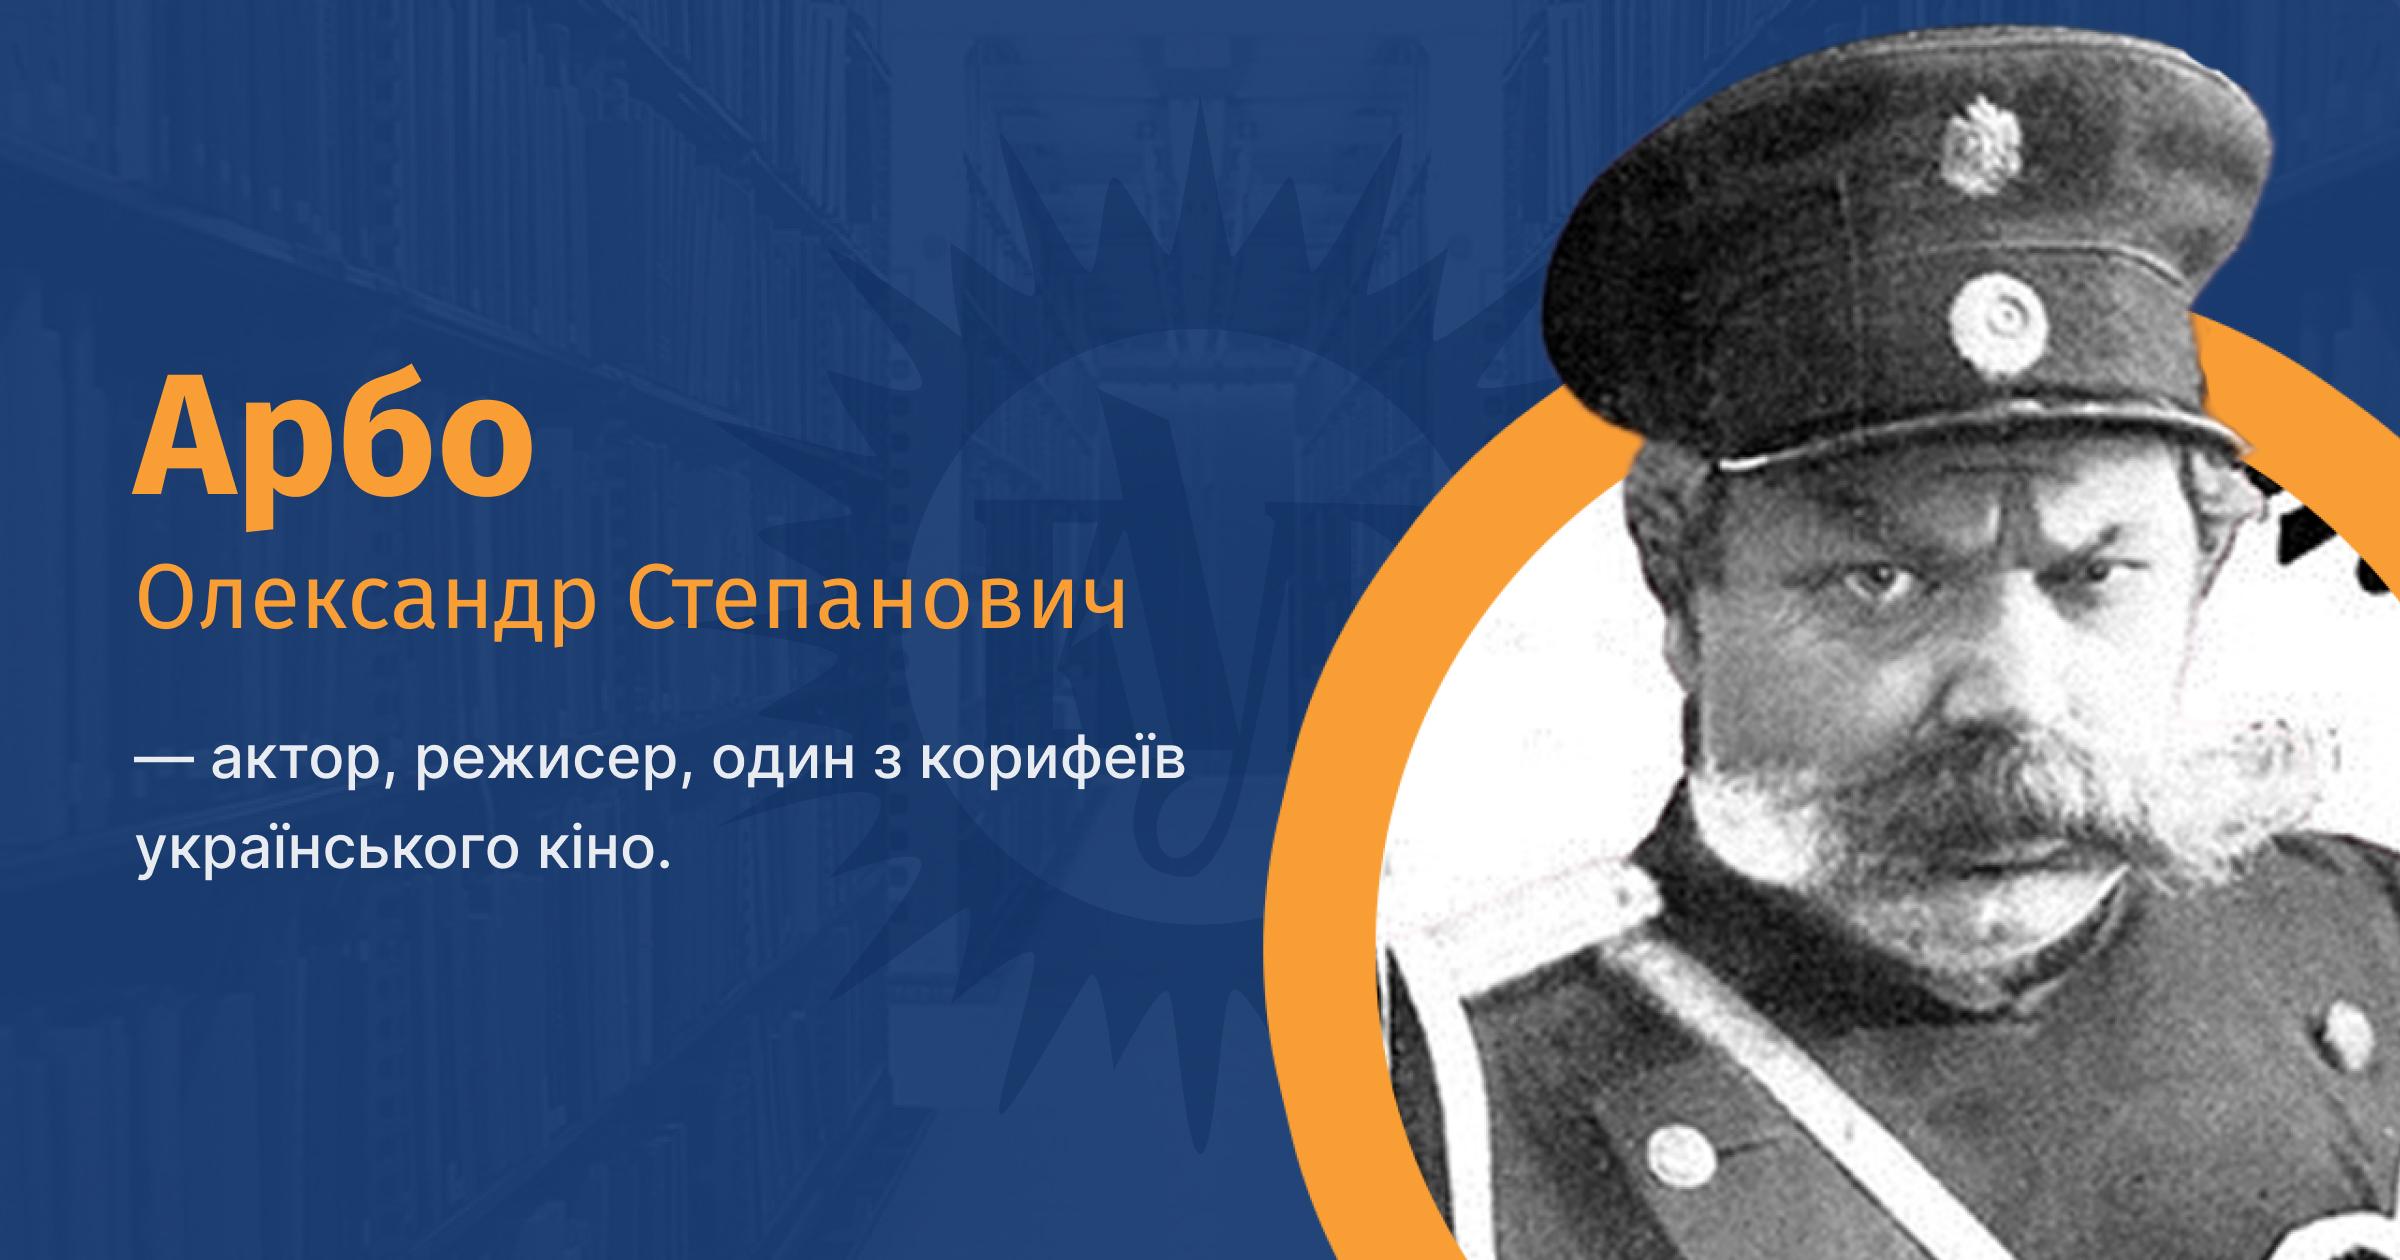 Арбо, Олександр Степанович